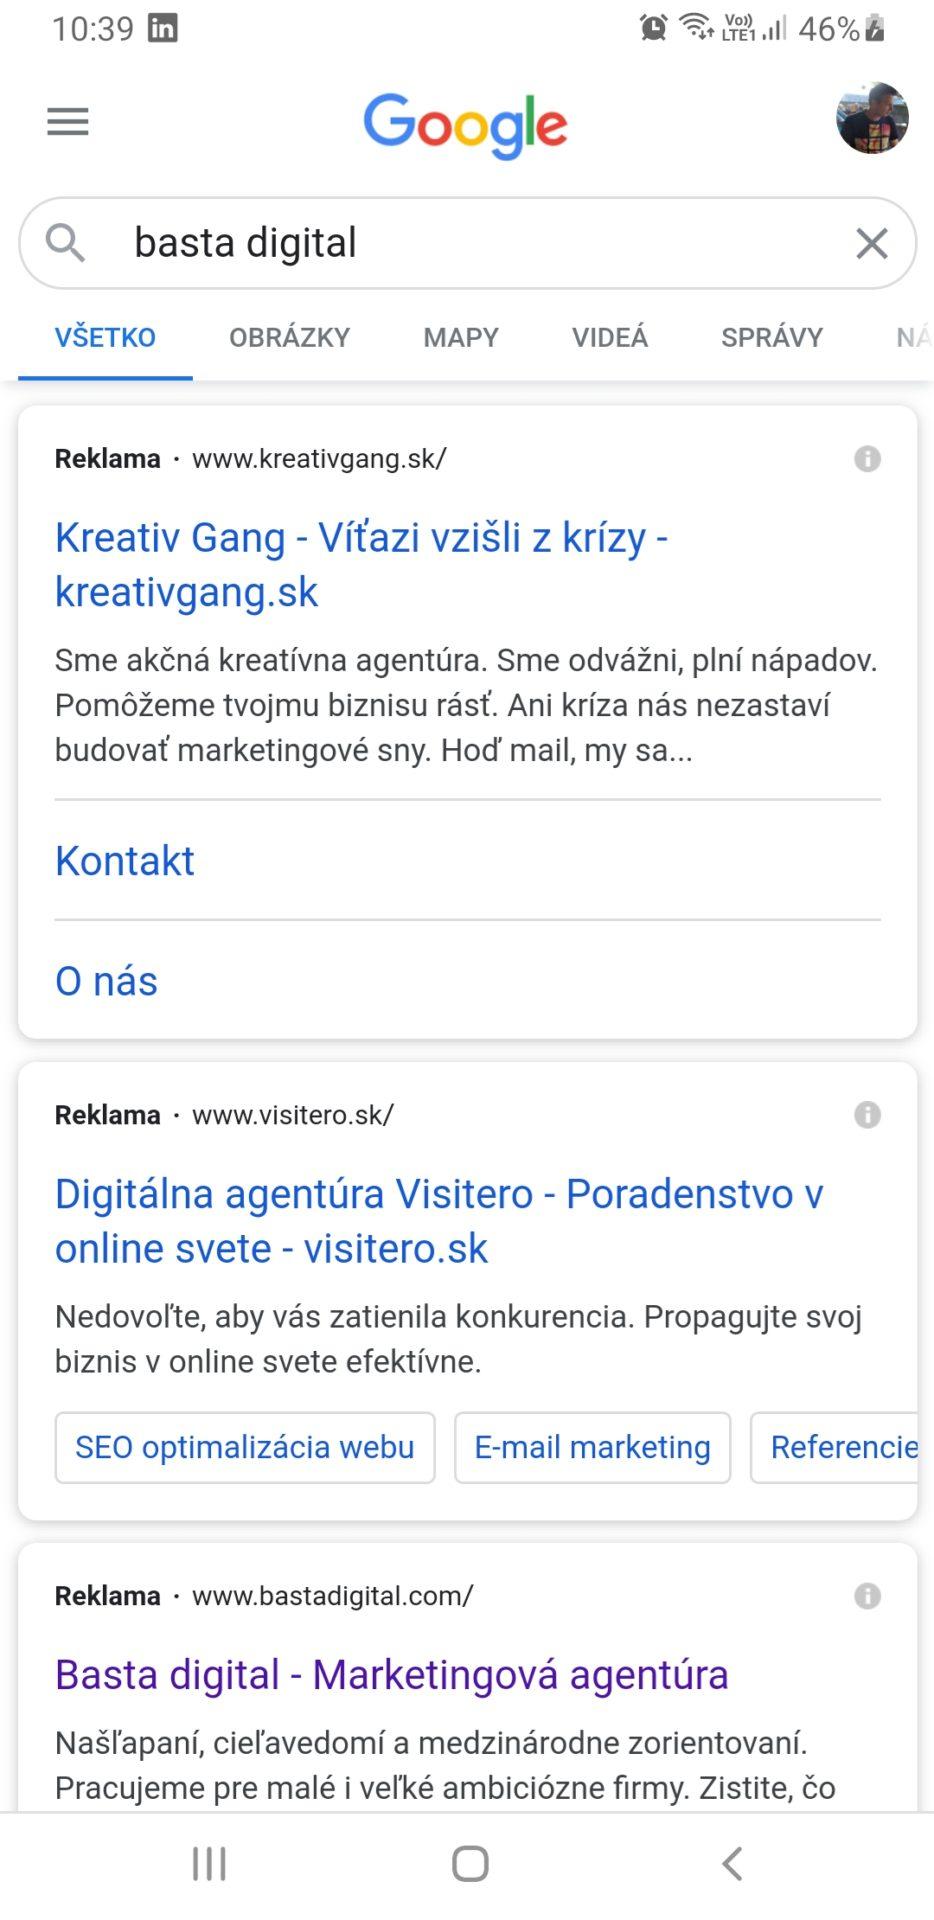 Reklama vo vyhľadávaní pri hľadaní frázy Basta digital